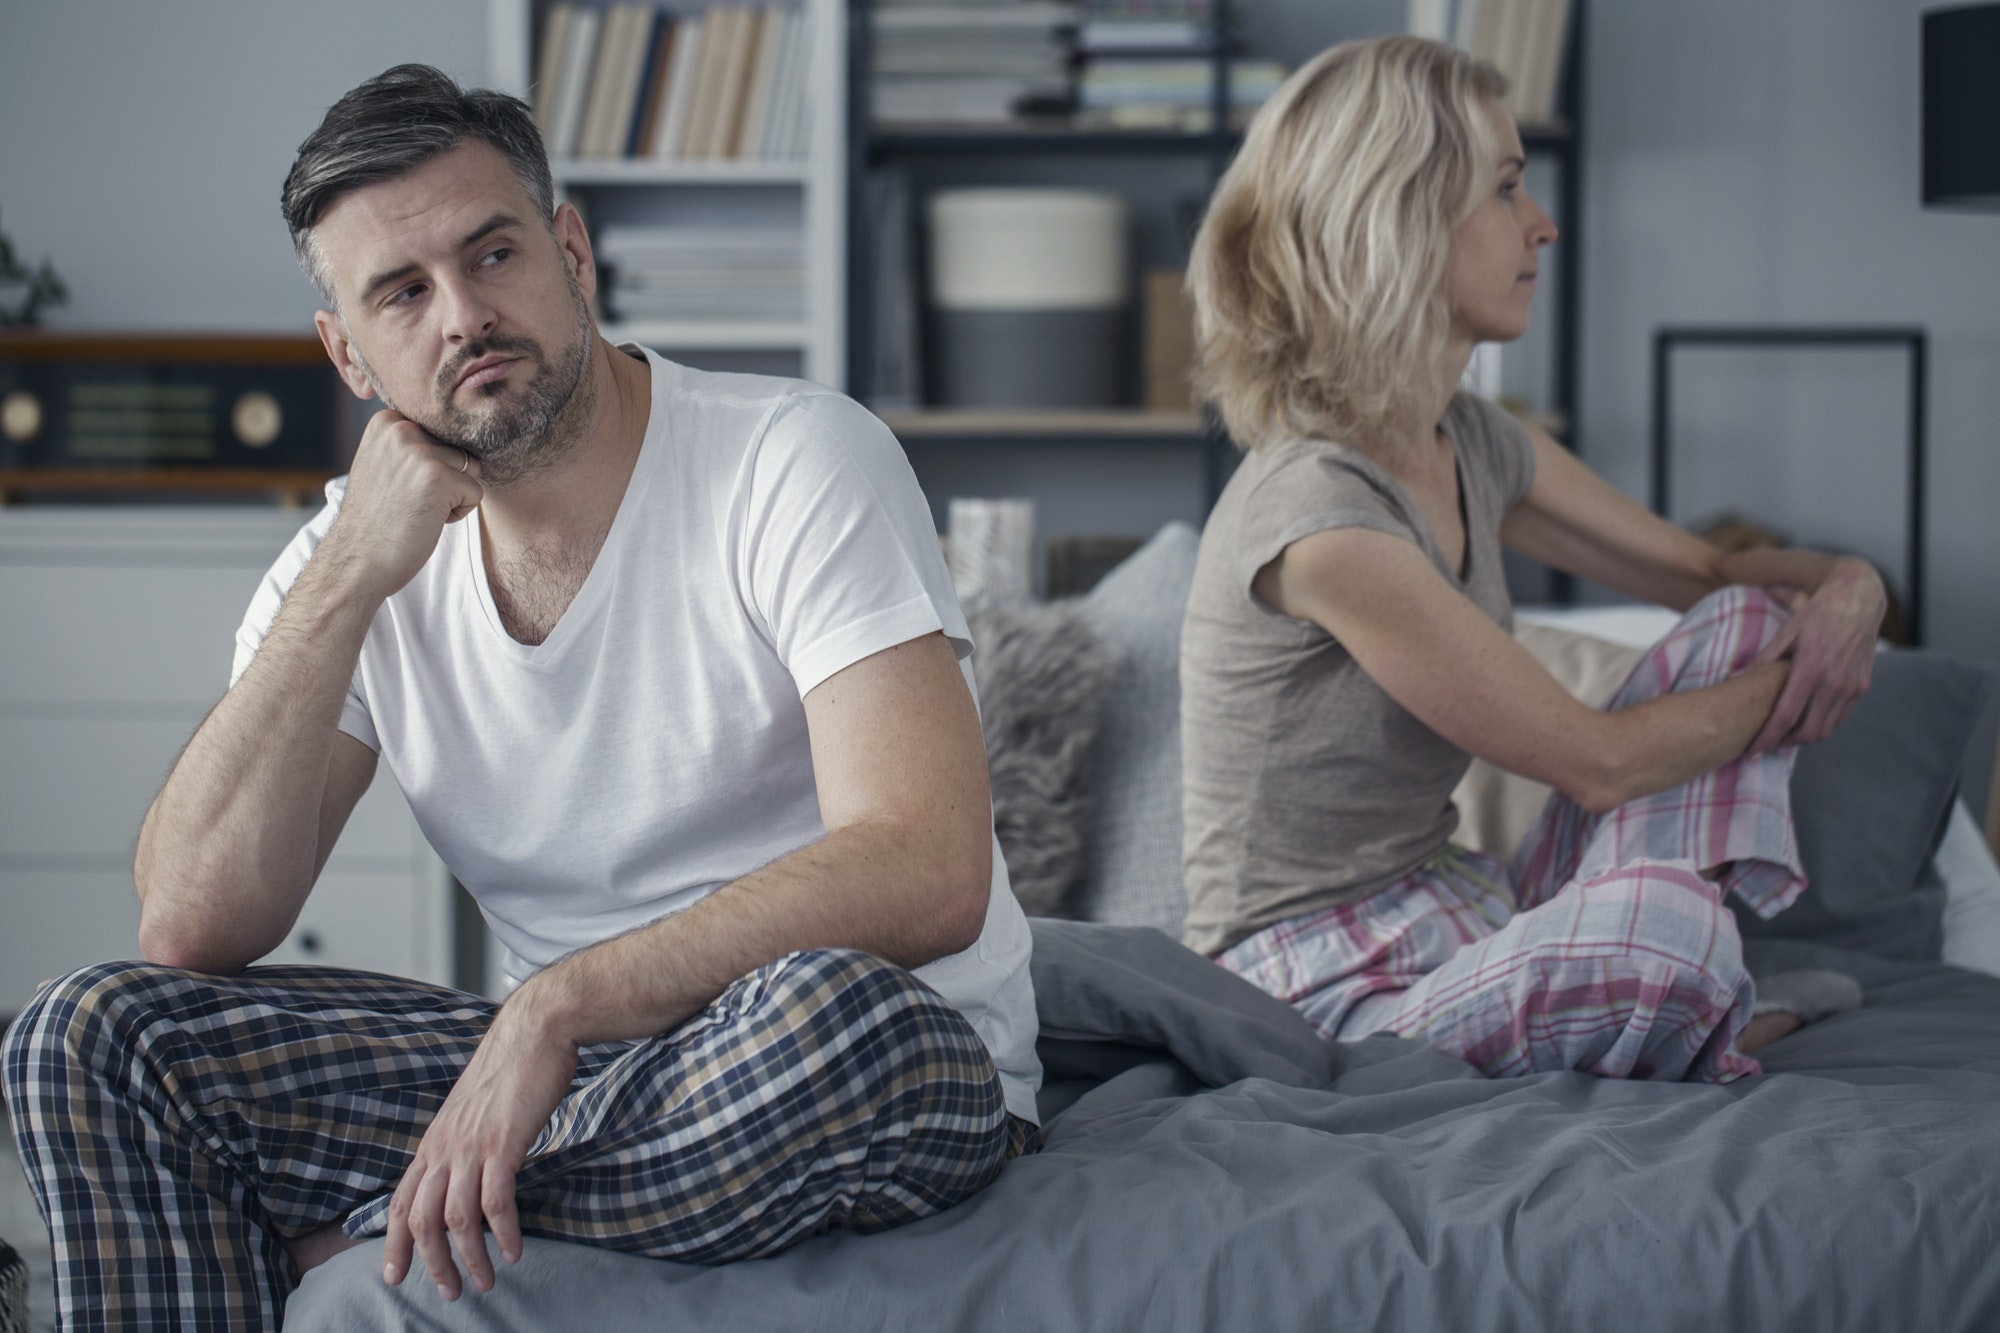 les causes d'une rupture amoureuse